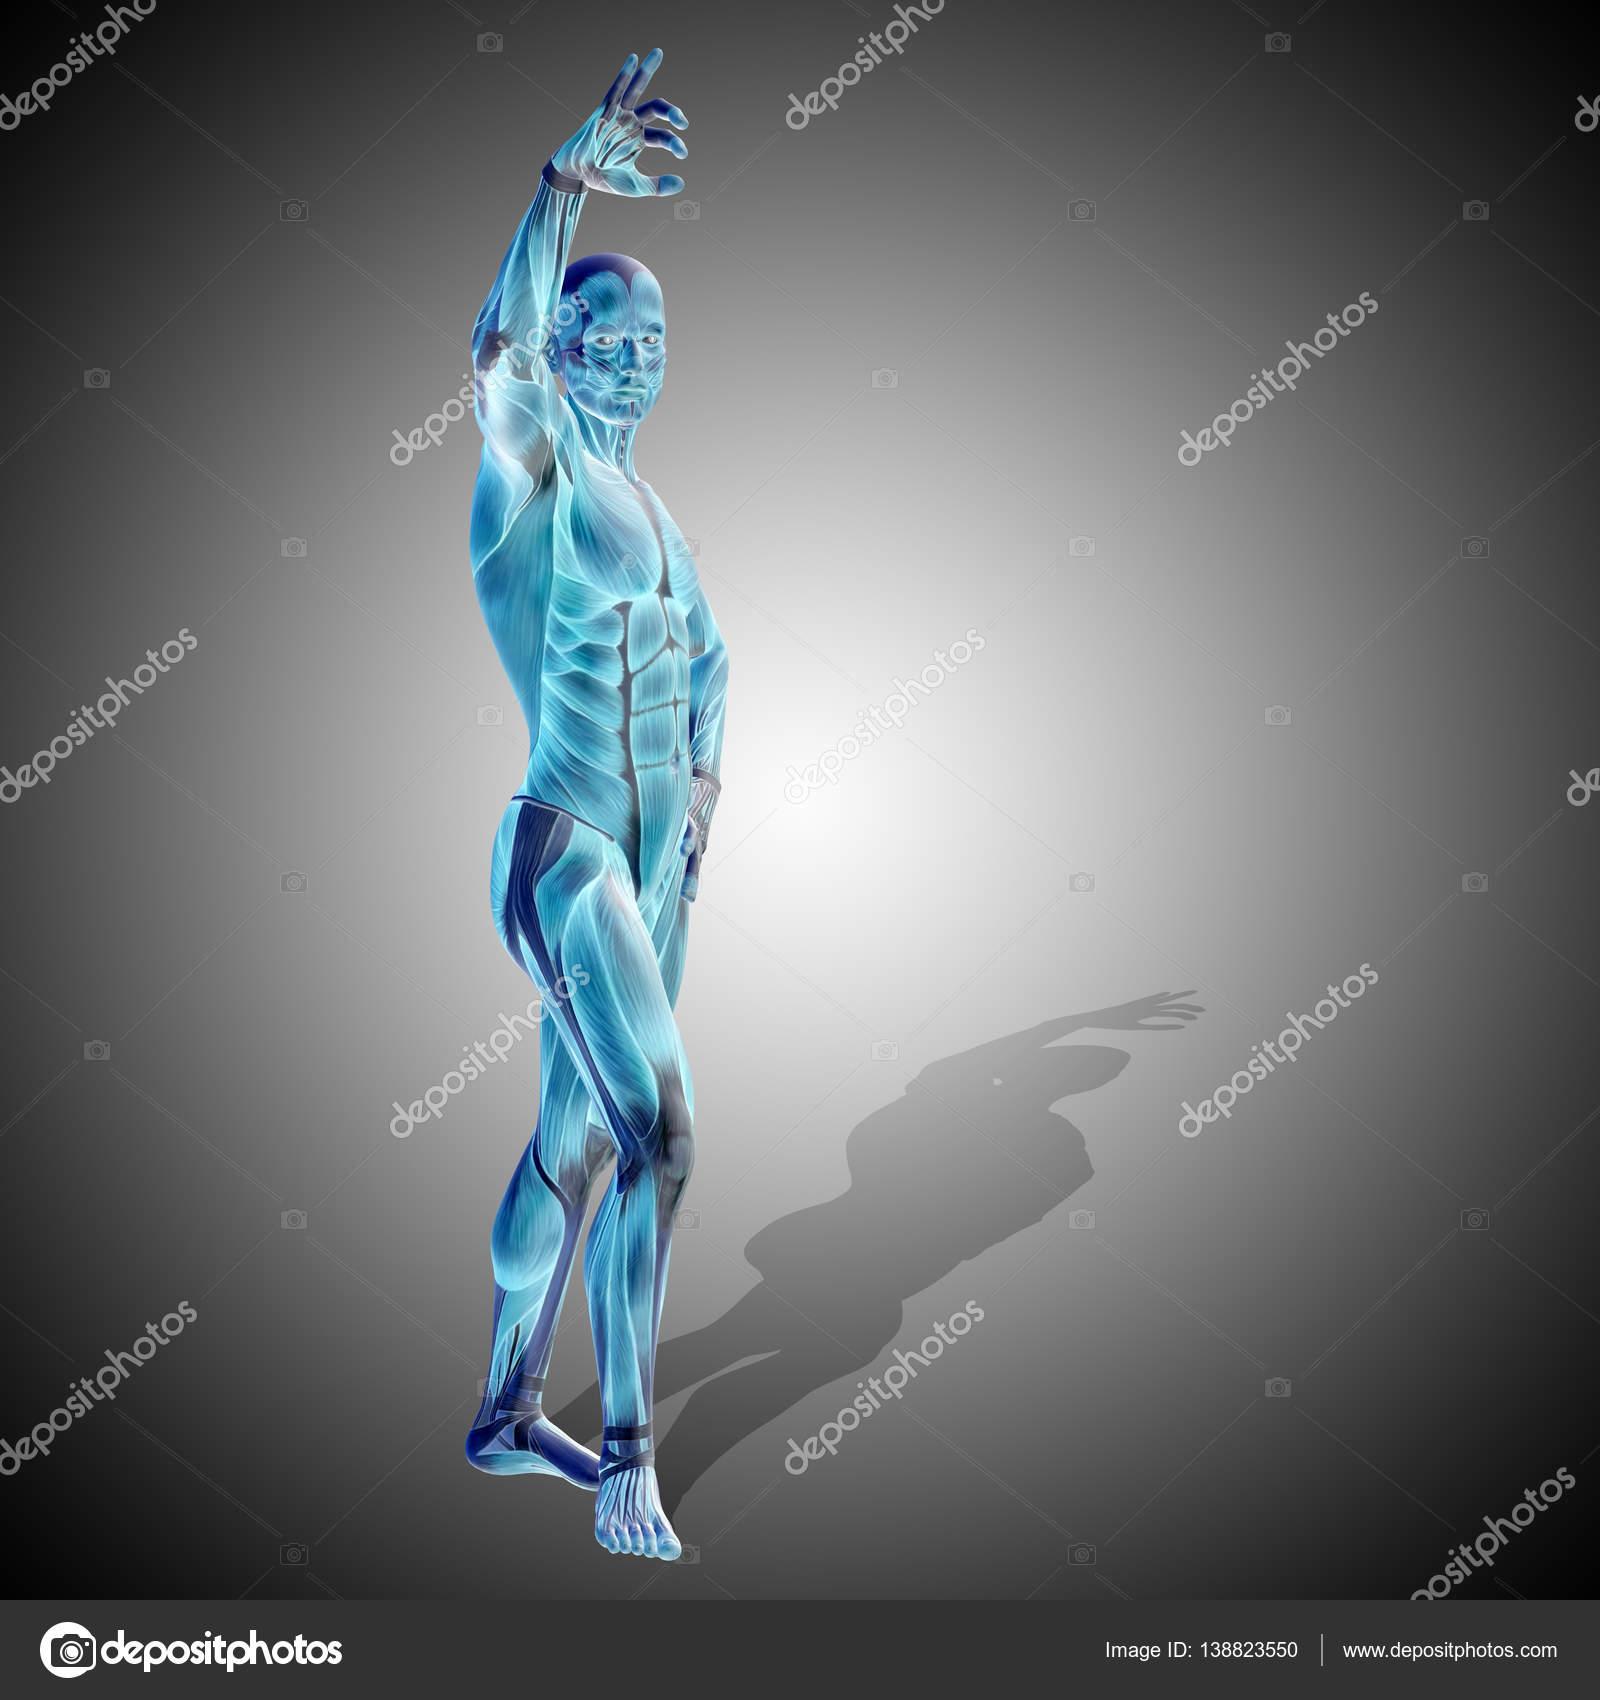 Abbildung der menschlichen Anatomie — Stockfoto © design36 #138823550